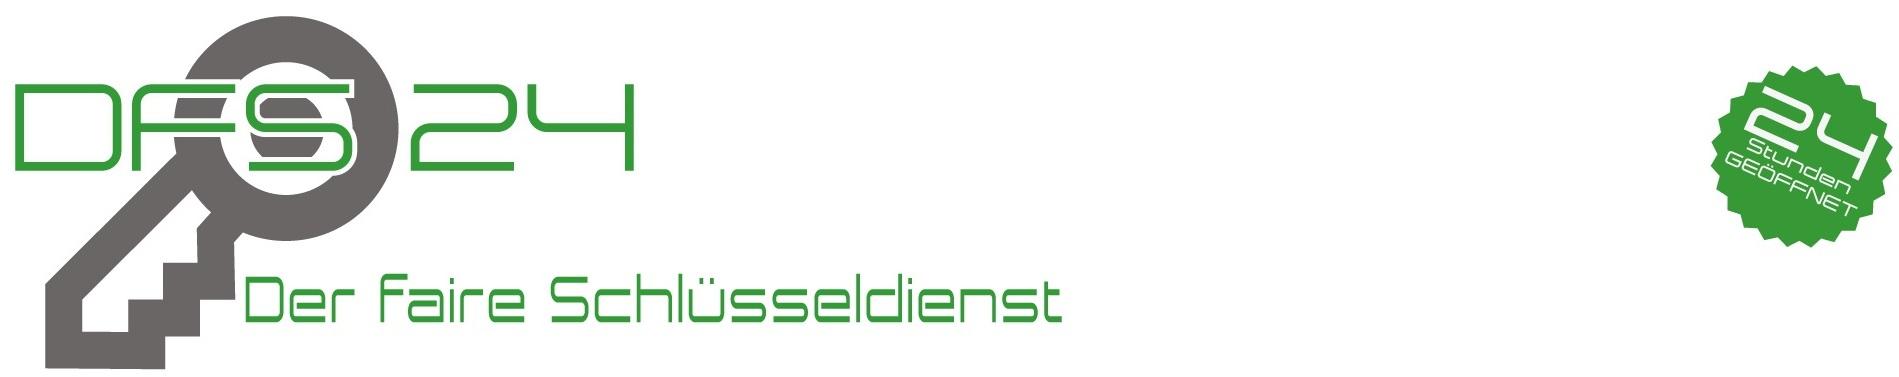 schlüsseldienst dorsten logo